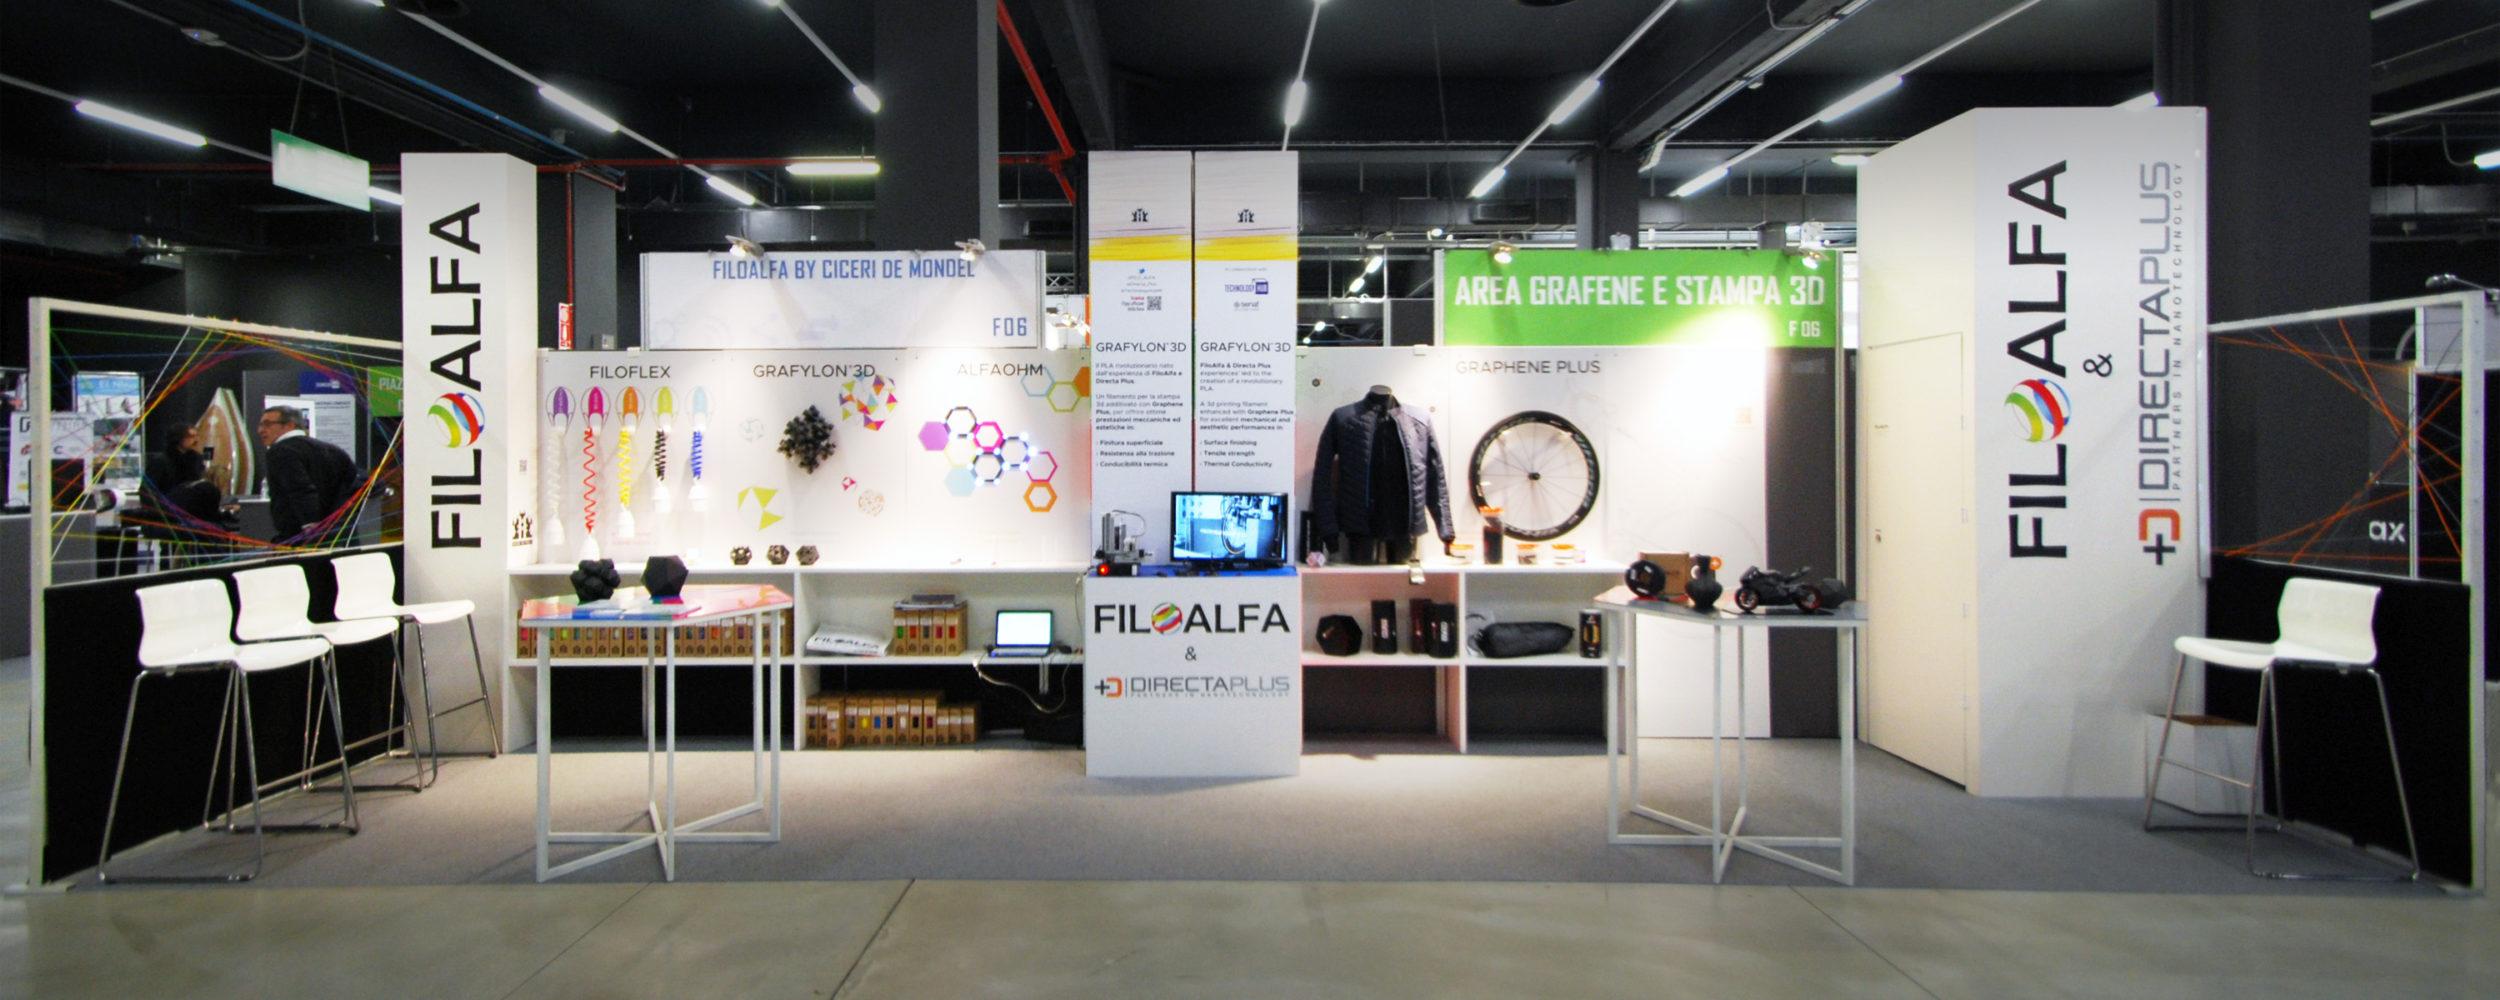 Stand Filoalfa 2017 - Brignetti Longoni Design Studio - Stand, Filoalfa, Directa Plus, Technology Hub, fiera, innovazione, tecnologie, progettazione, stand, filamenti, stampa 3d, grafene, Grafylon, comunicazione, flyer, brochure, pubblicità,design, esposizione, allestimento, arredo, tavoli, mobili, grafica.